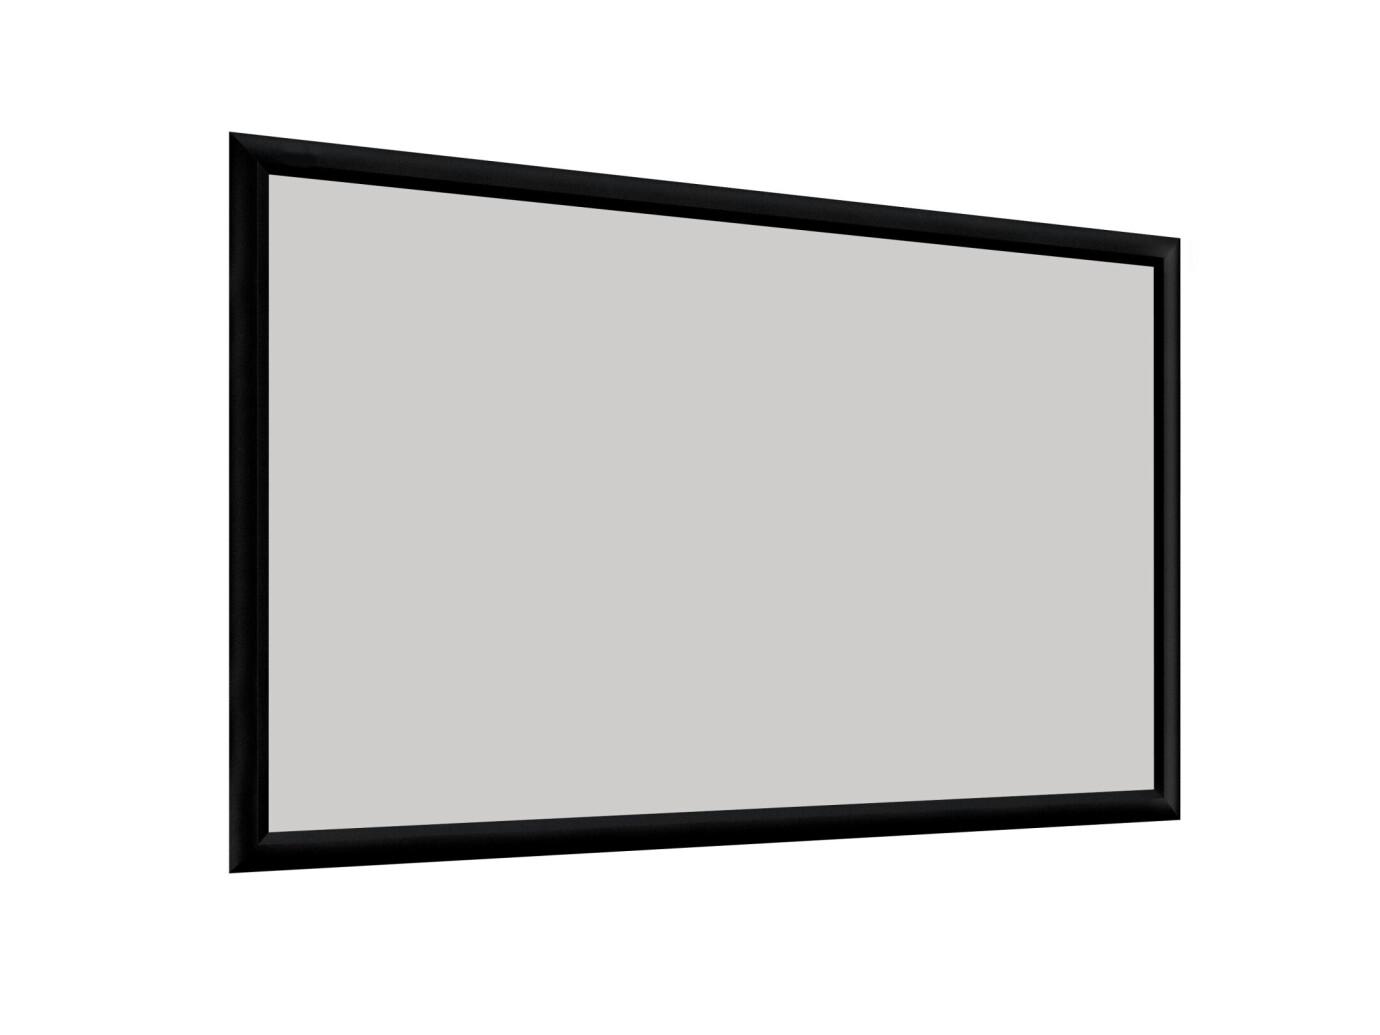 DELUXX Cinema Hochkontrast-Rahmenleinwand 220 x 124 cm, 100